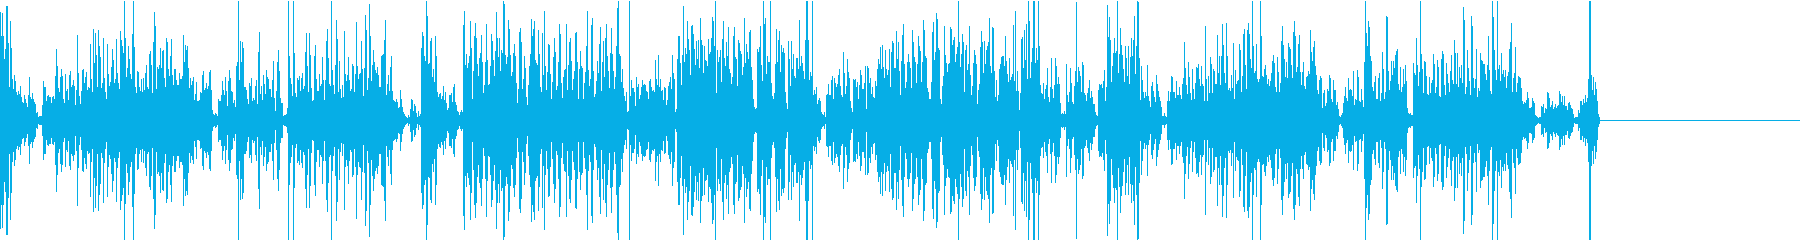 機会が壊れた時になるノイズ音の再生済みの波形